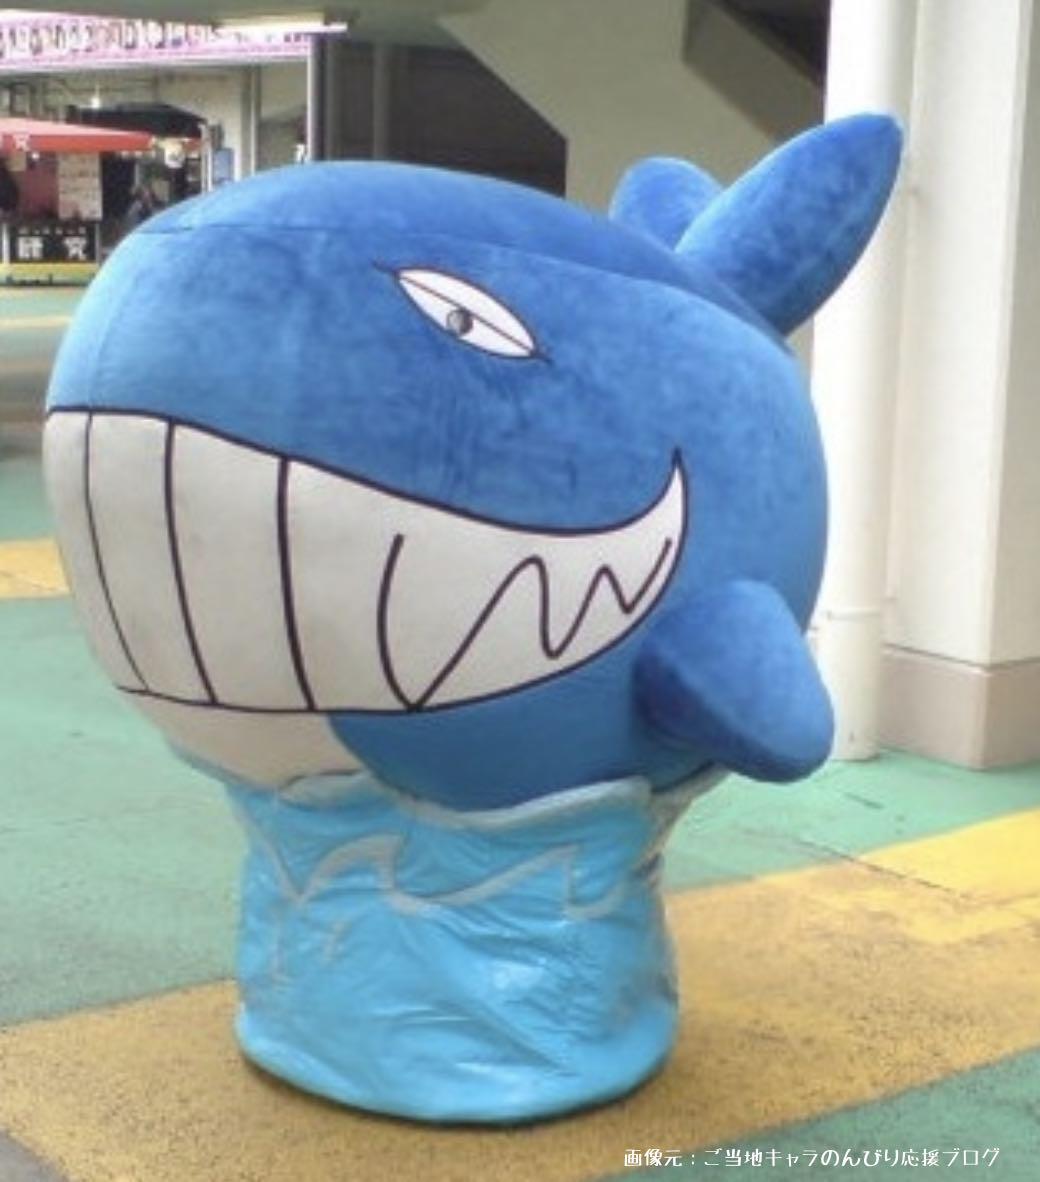 平和島競艇場のマスコットキャラクター、ピースターの画像